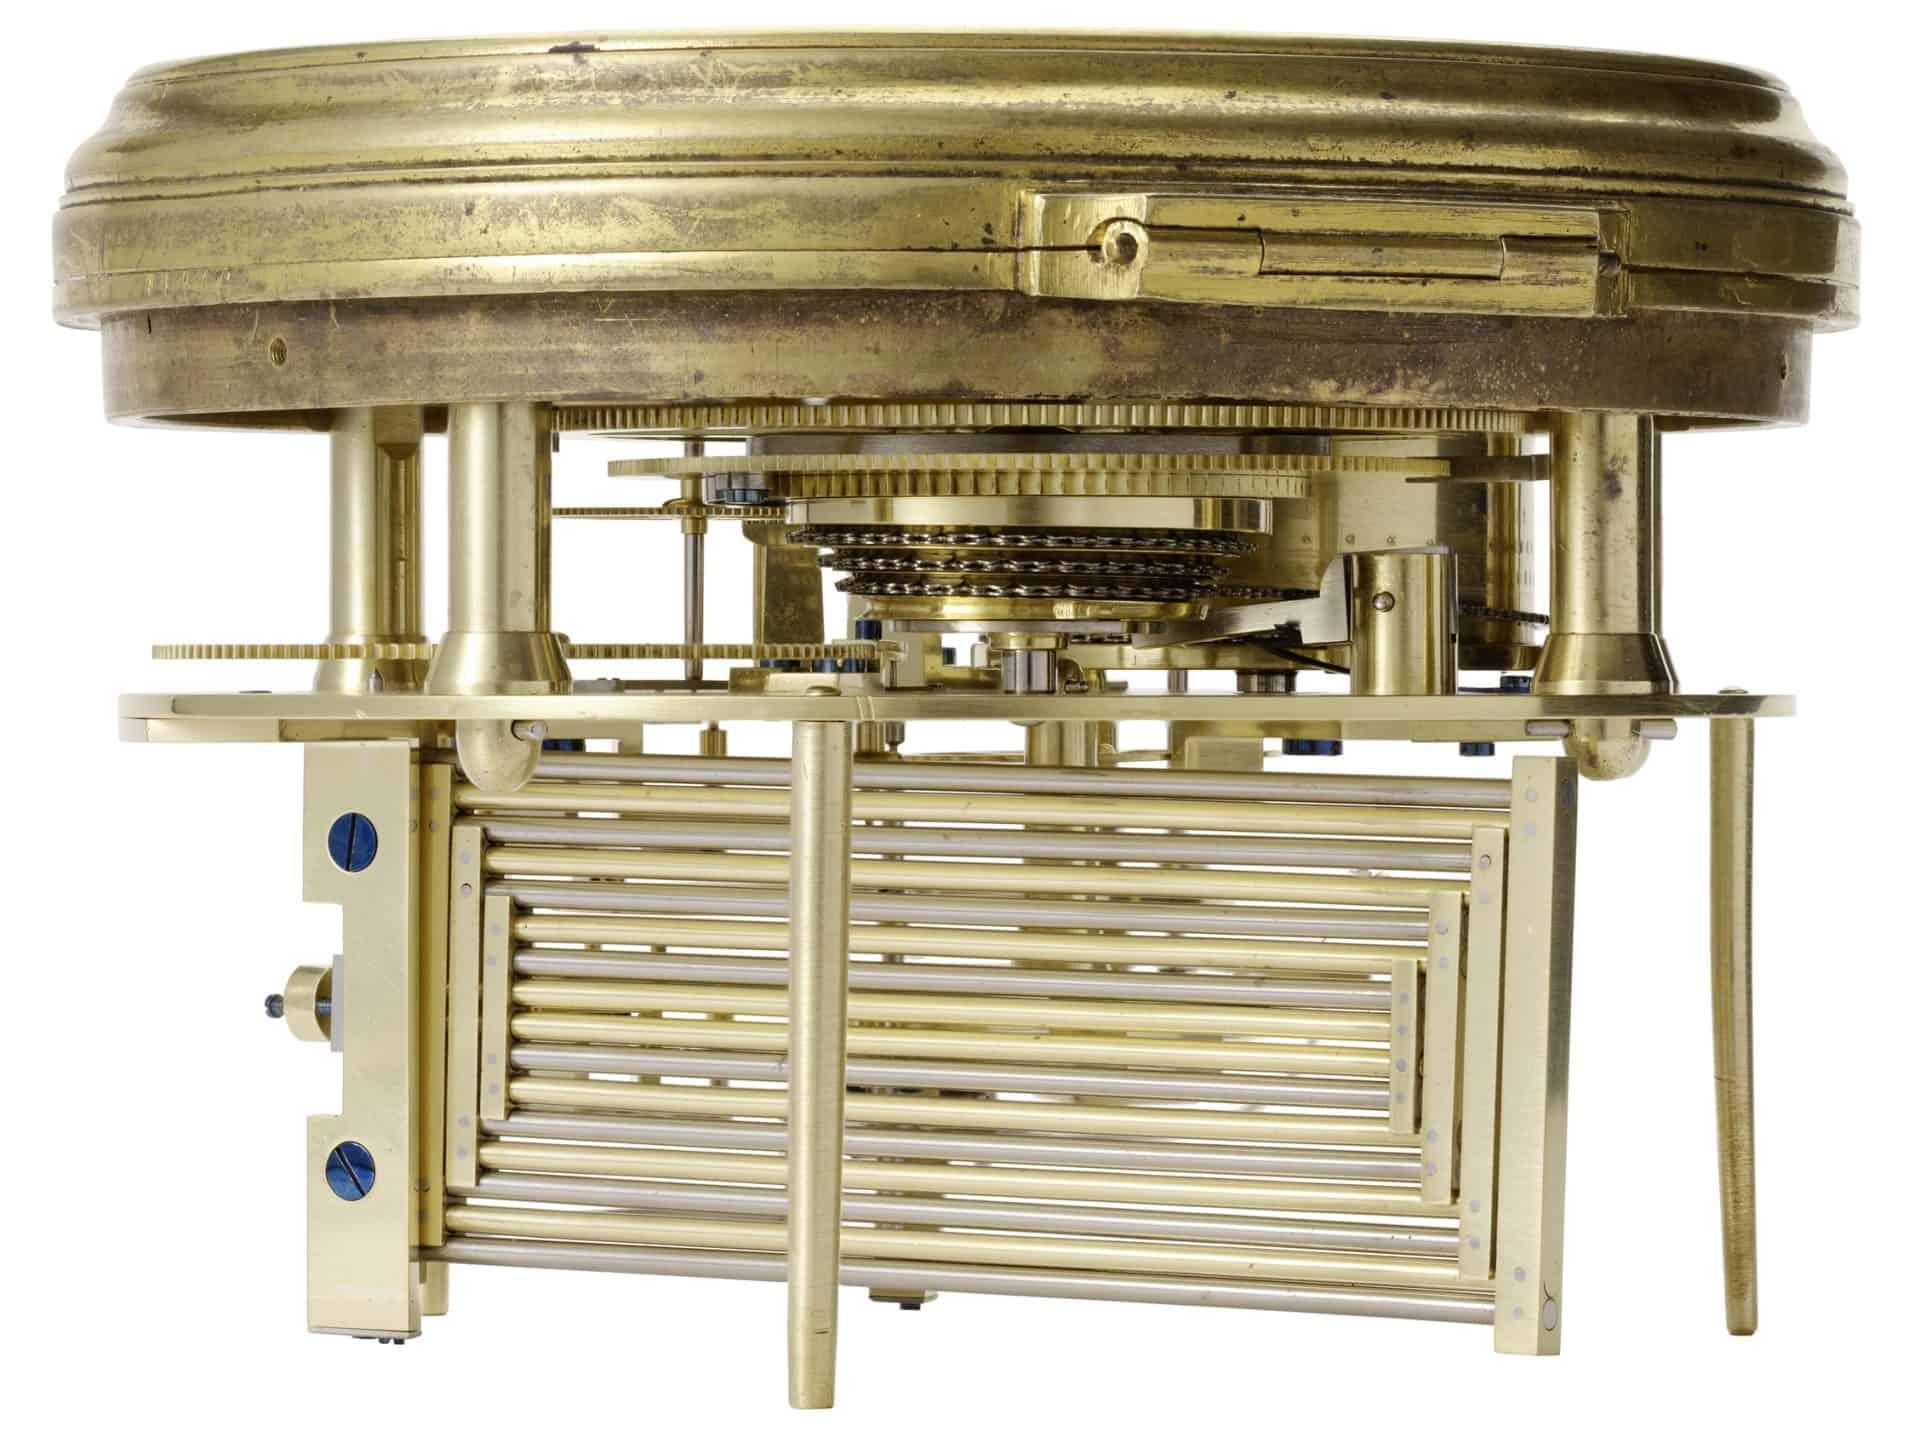 Die federnde kardanische Aufhängung des Ferdinand Berthoud Marinechronometers